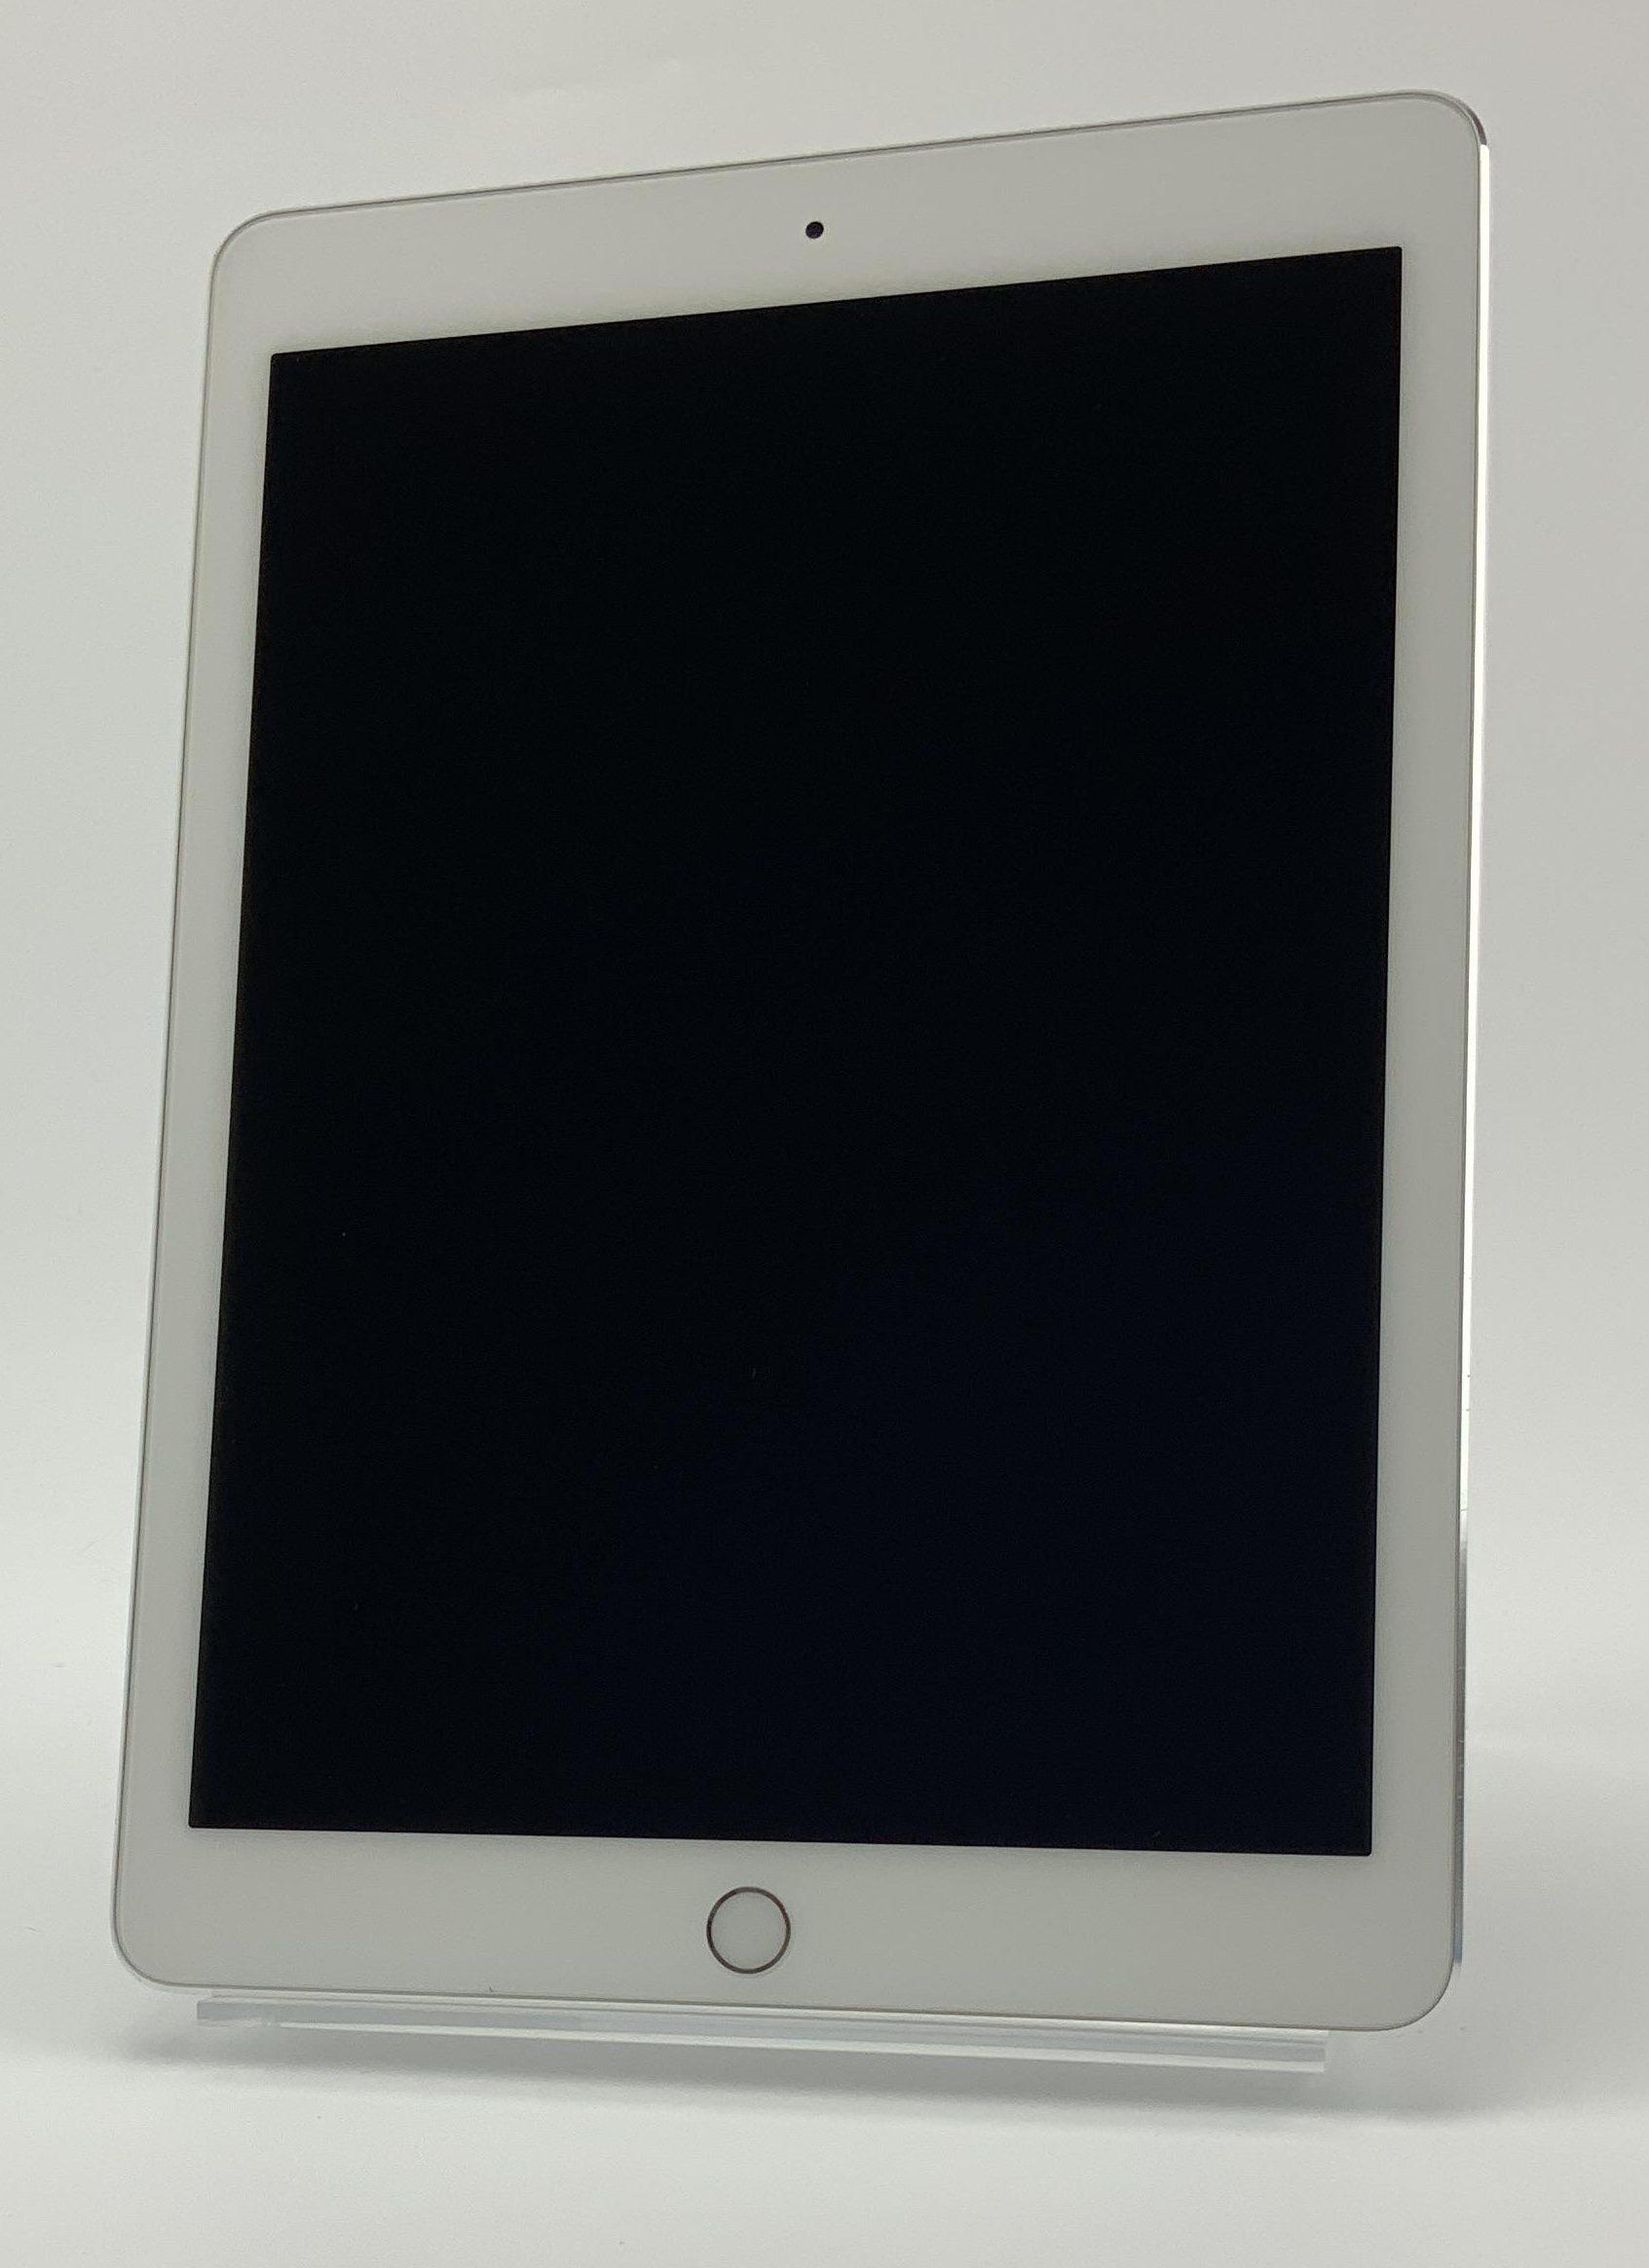 iPad Air 2 Wi-Fi 16GB, 16GB, Silver, image 3